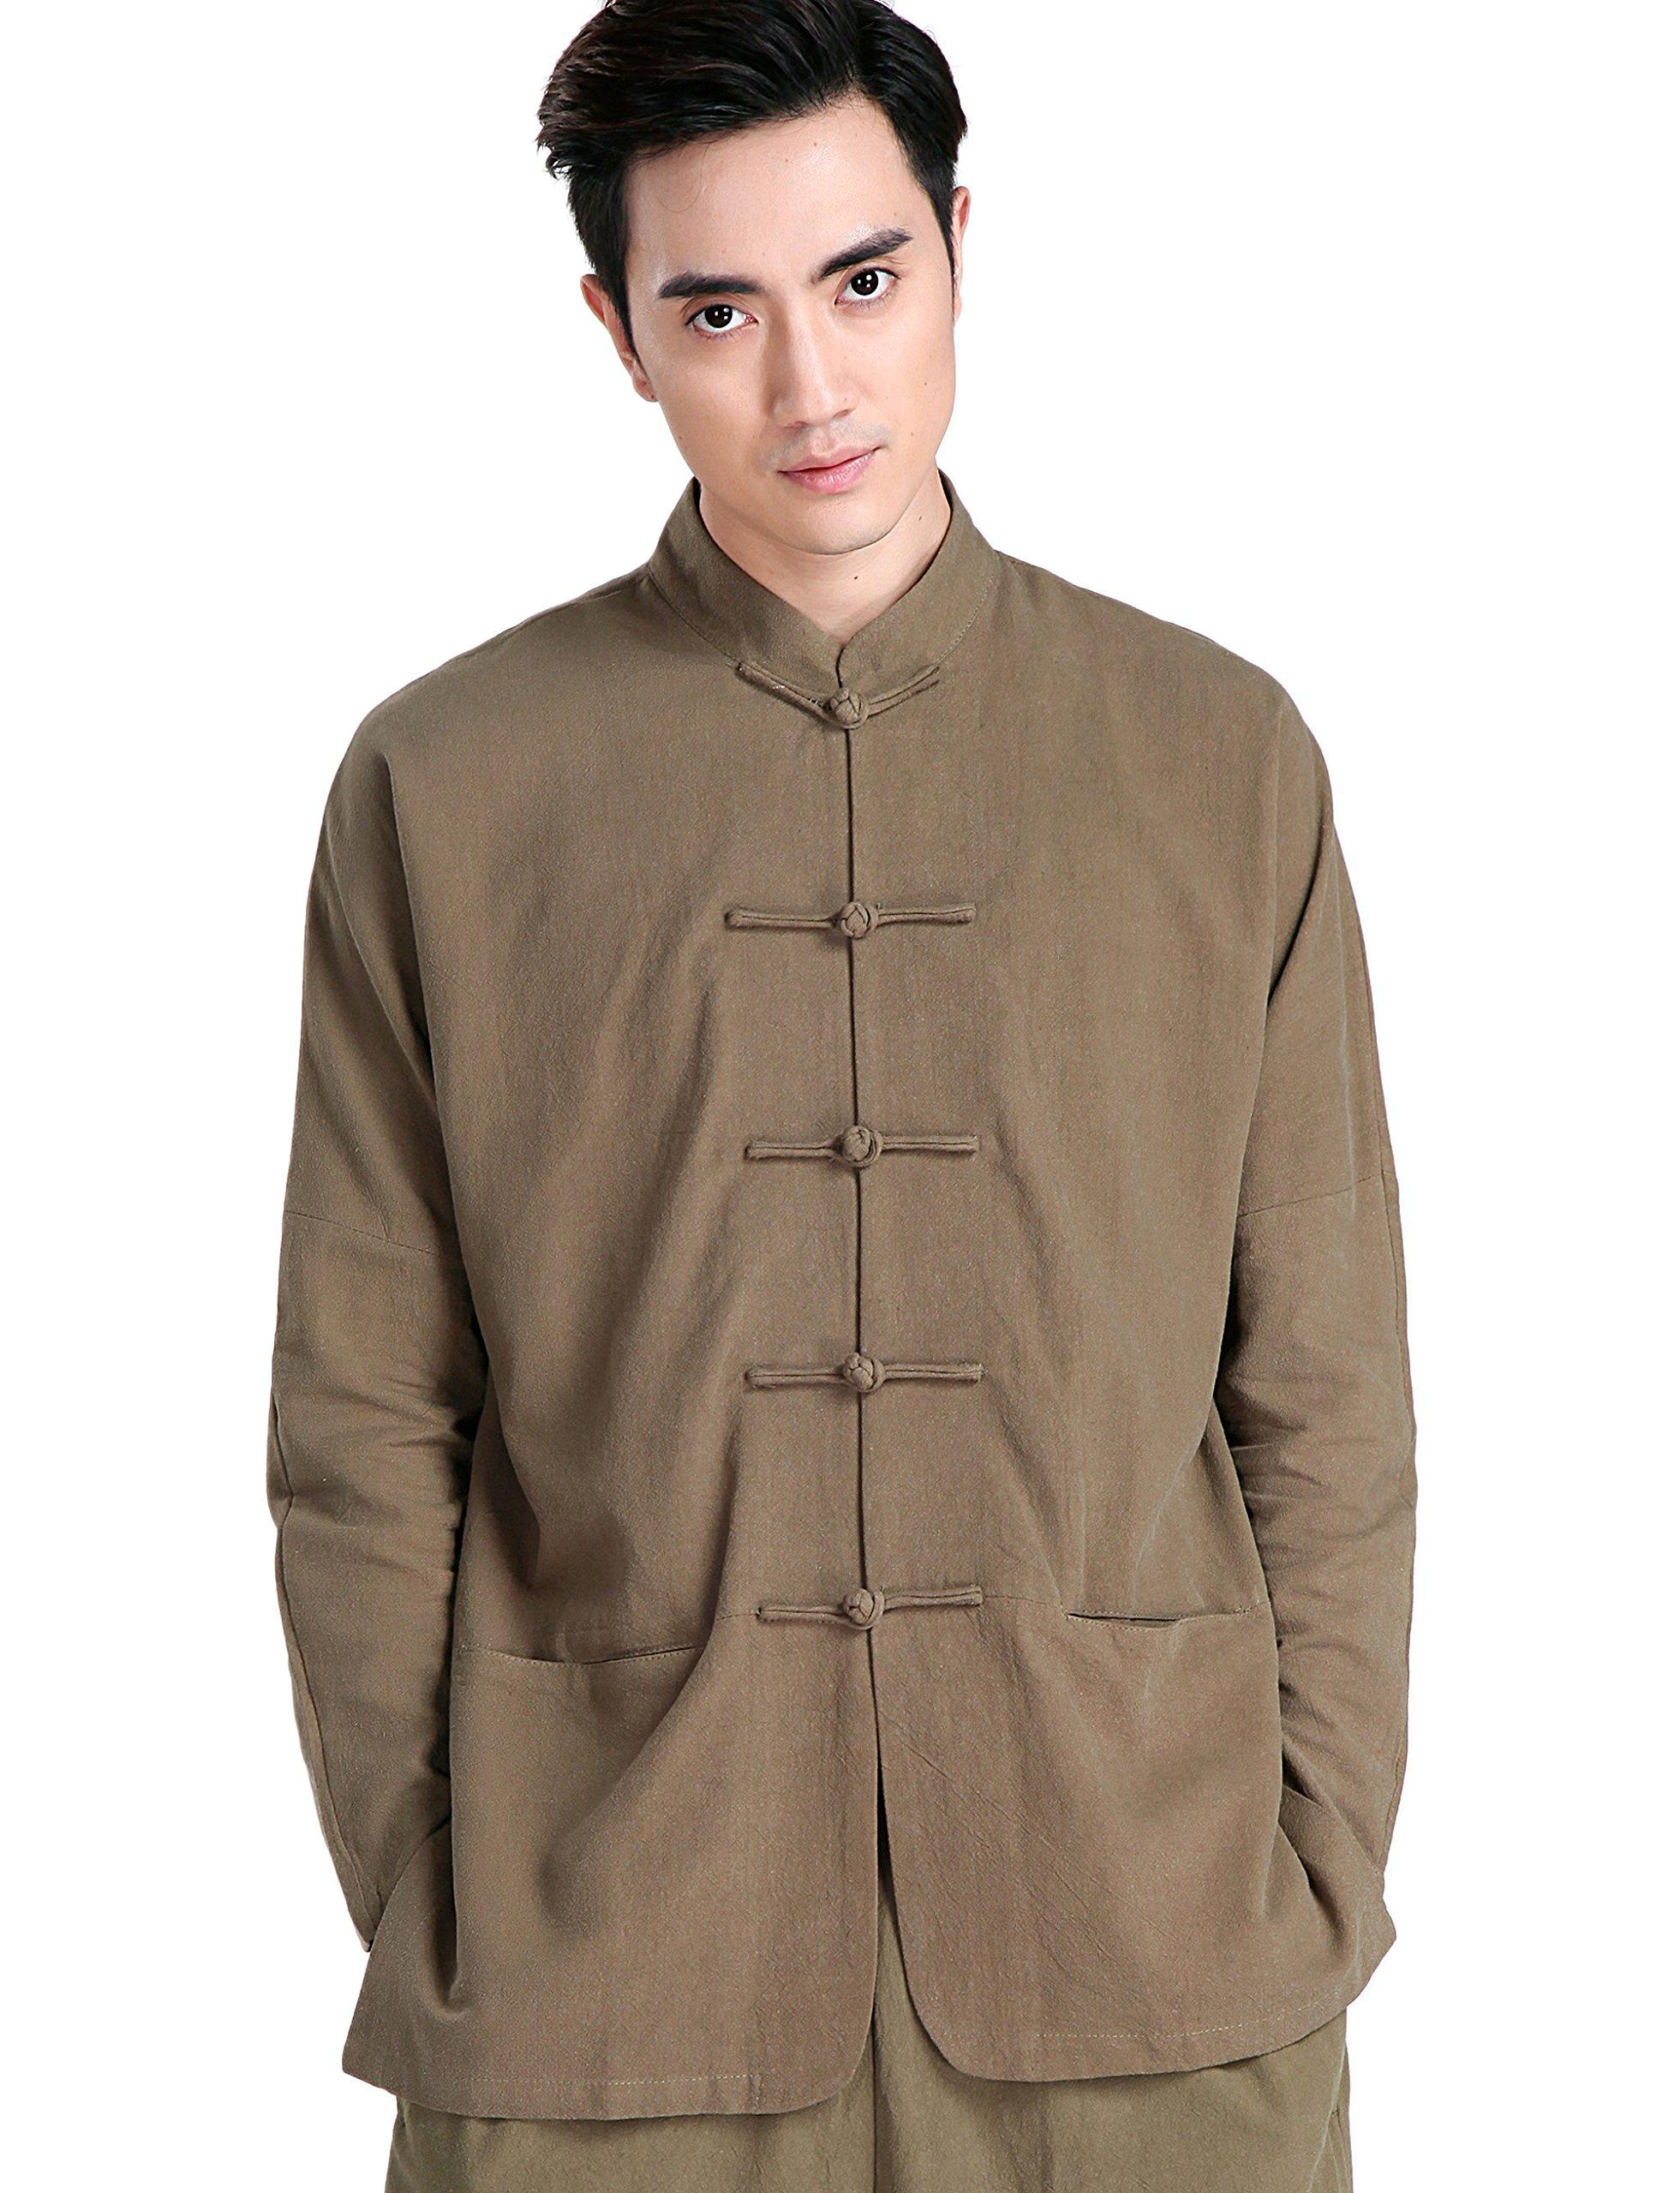 ACVIP Men Long Sleeves Tai Chi Kung Fu Jackets Tops (China 3XL/US XL, Brown)